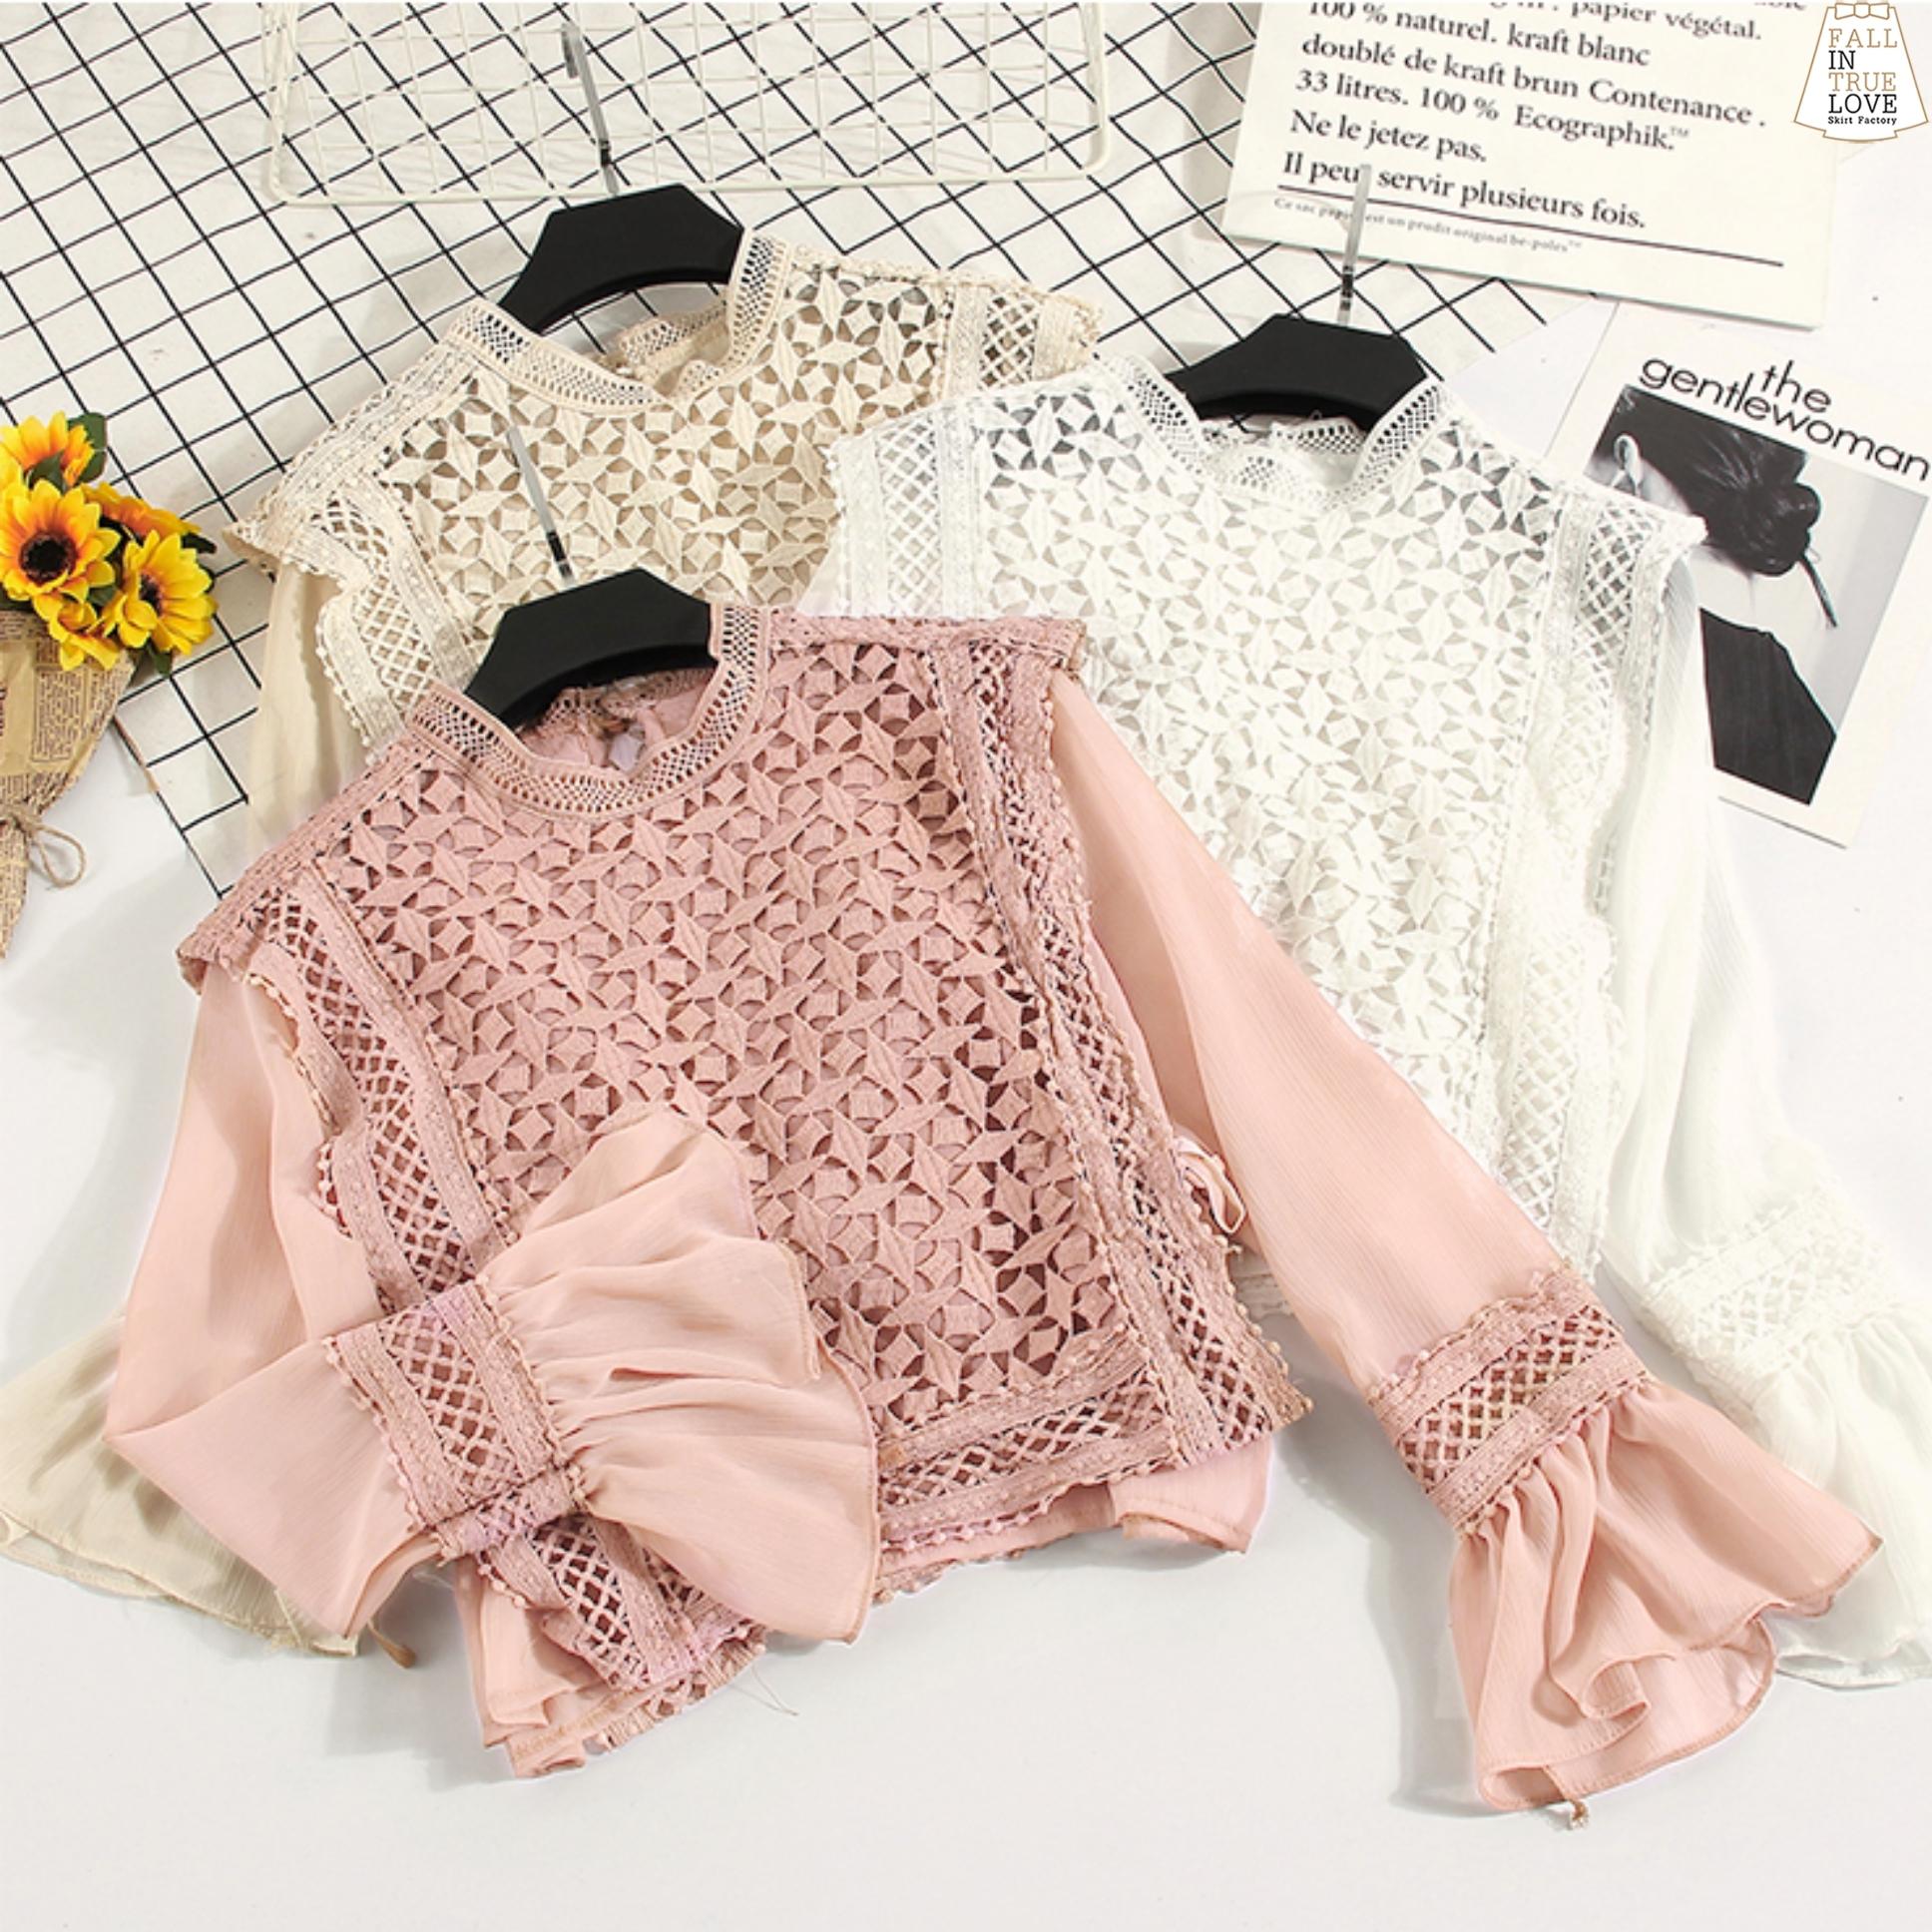 เสื้อผ้าเกาหลีพร้อมส่ง เสื้อลูกไม้ถักแขนชีฟองยาวผ้าลูกไม้ซีทรูทอลายตารางเพชร